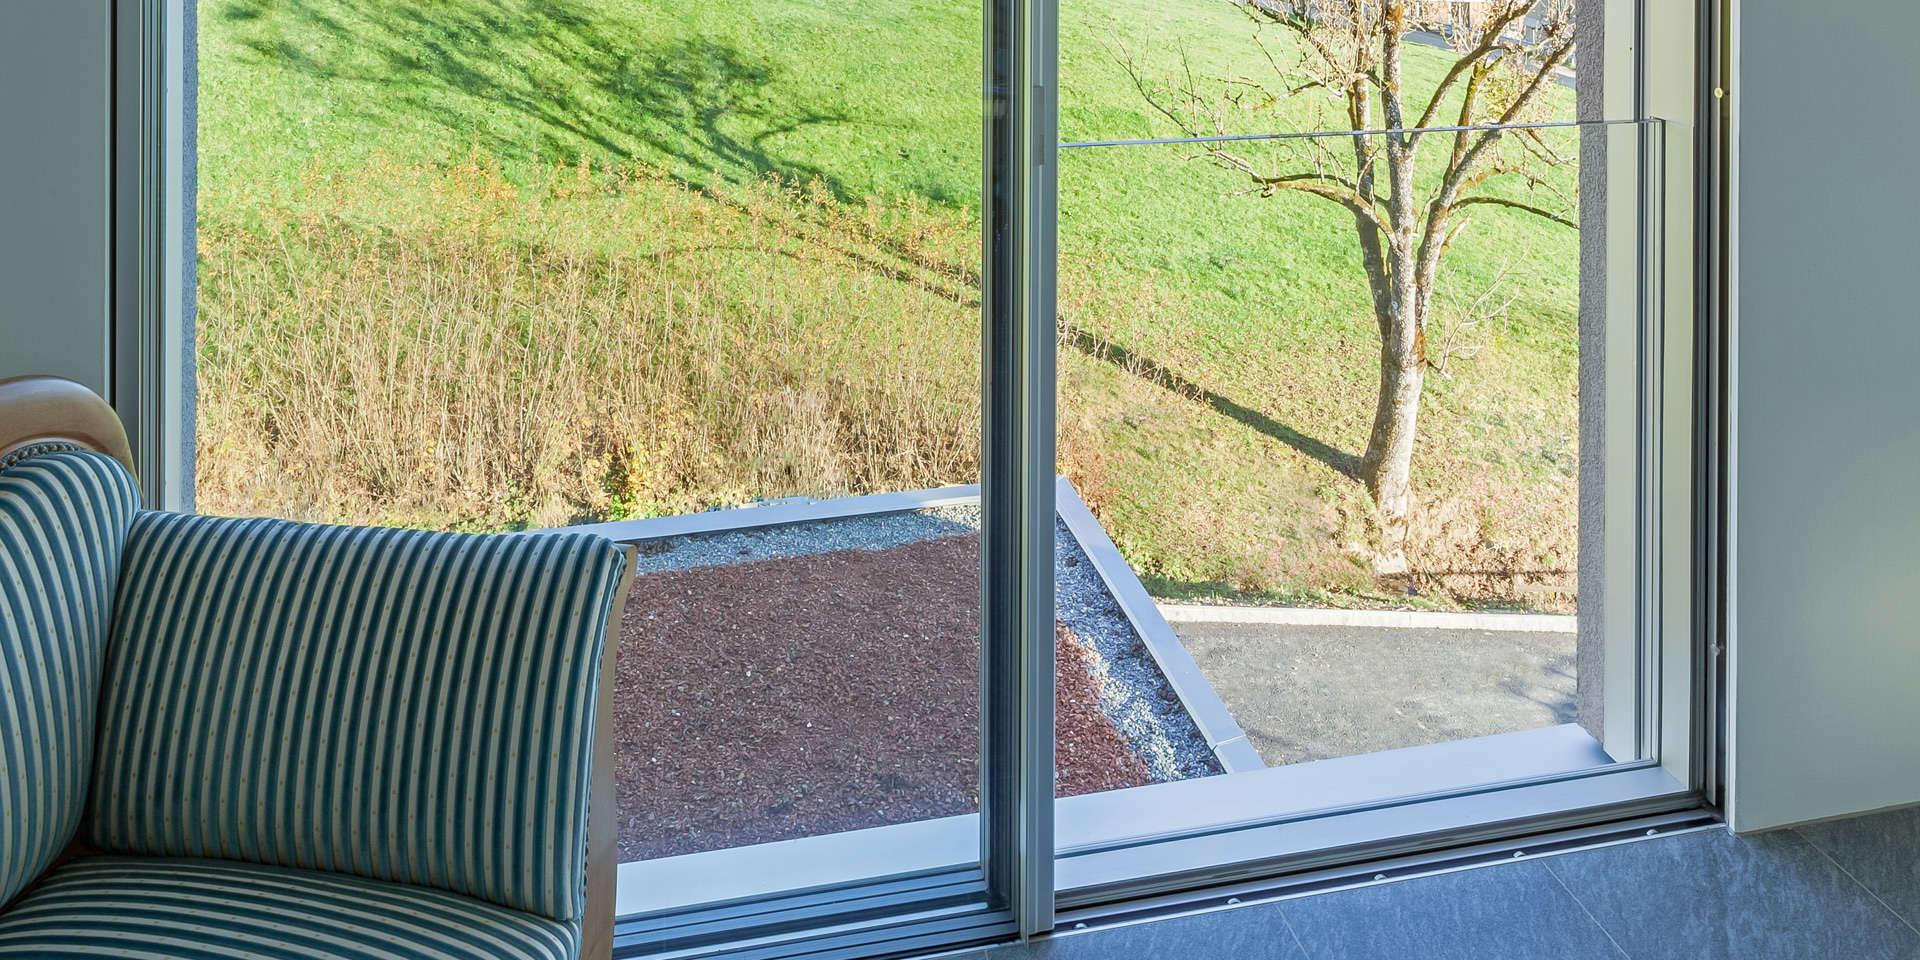 Absturzsicheres ganzglasgel nder swissfineline ag - Bodentiefe schiebefenster ...